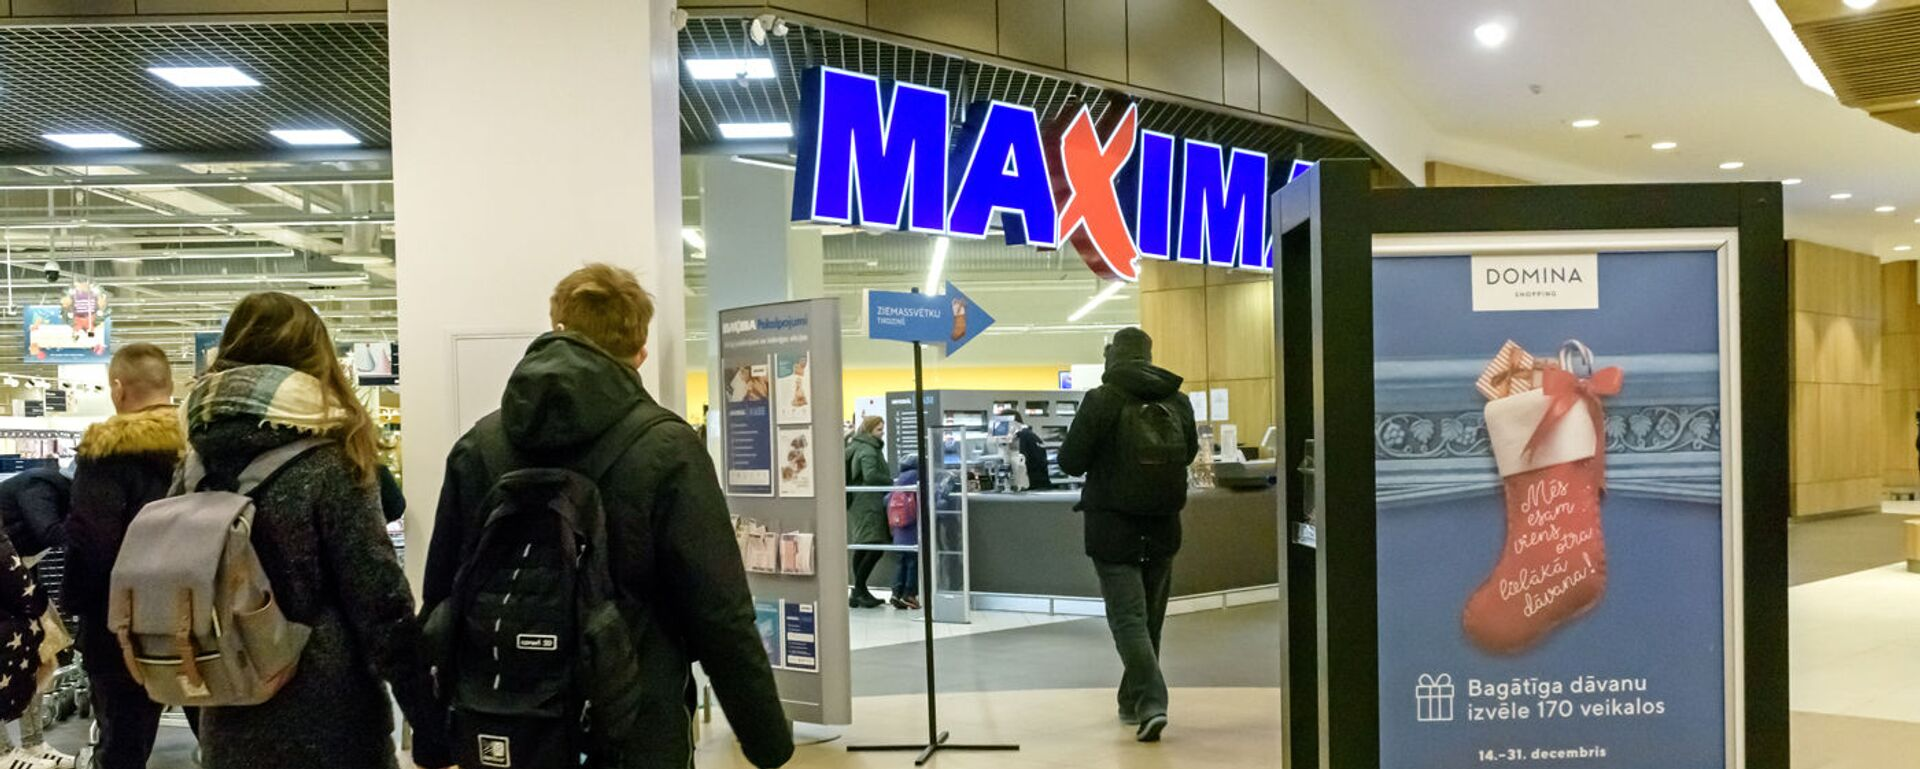 Гипермаркет Maxima - Sputnik Латвия, 1920, 22.09.2021